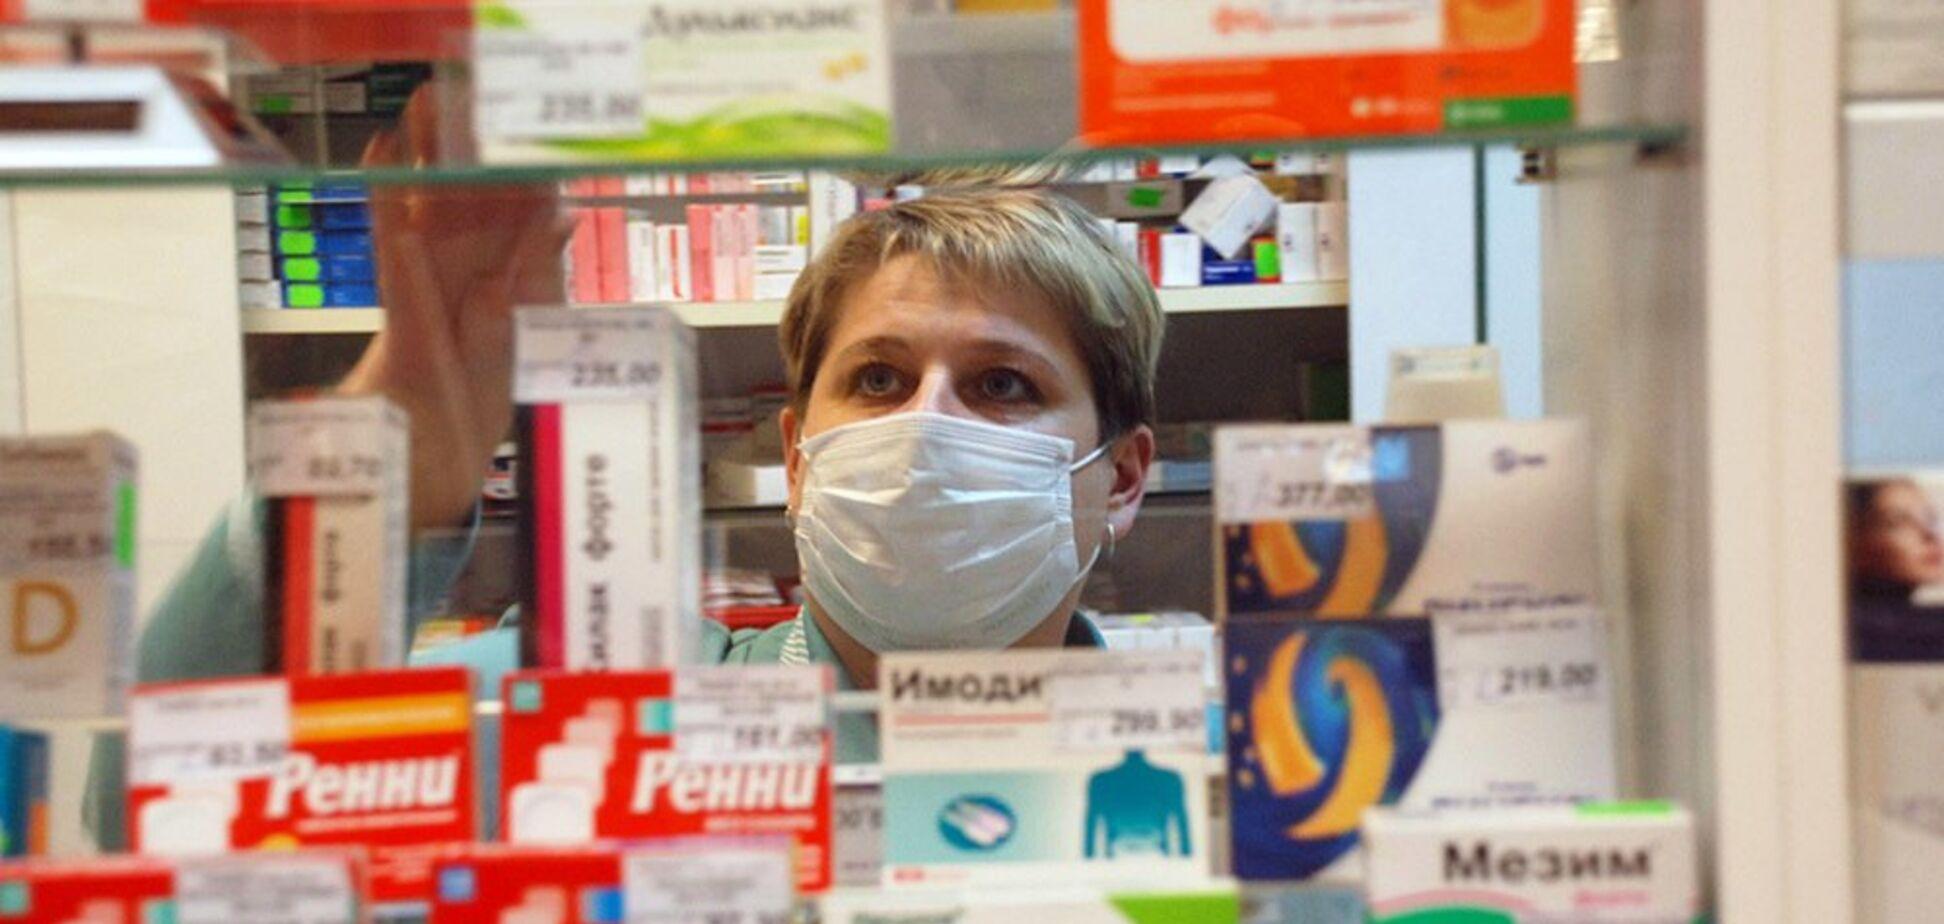 Украинцы будут покупать лекарства по новым правилам: что готовит Минздрав